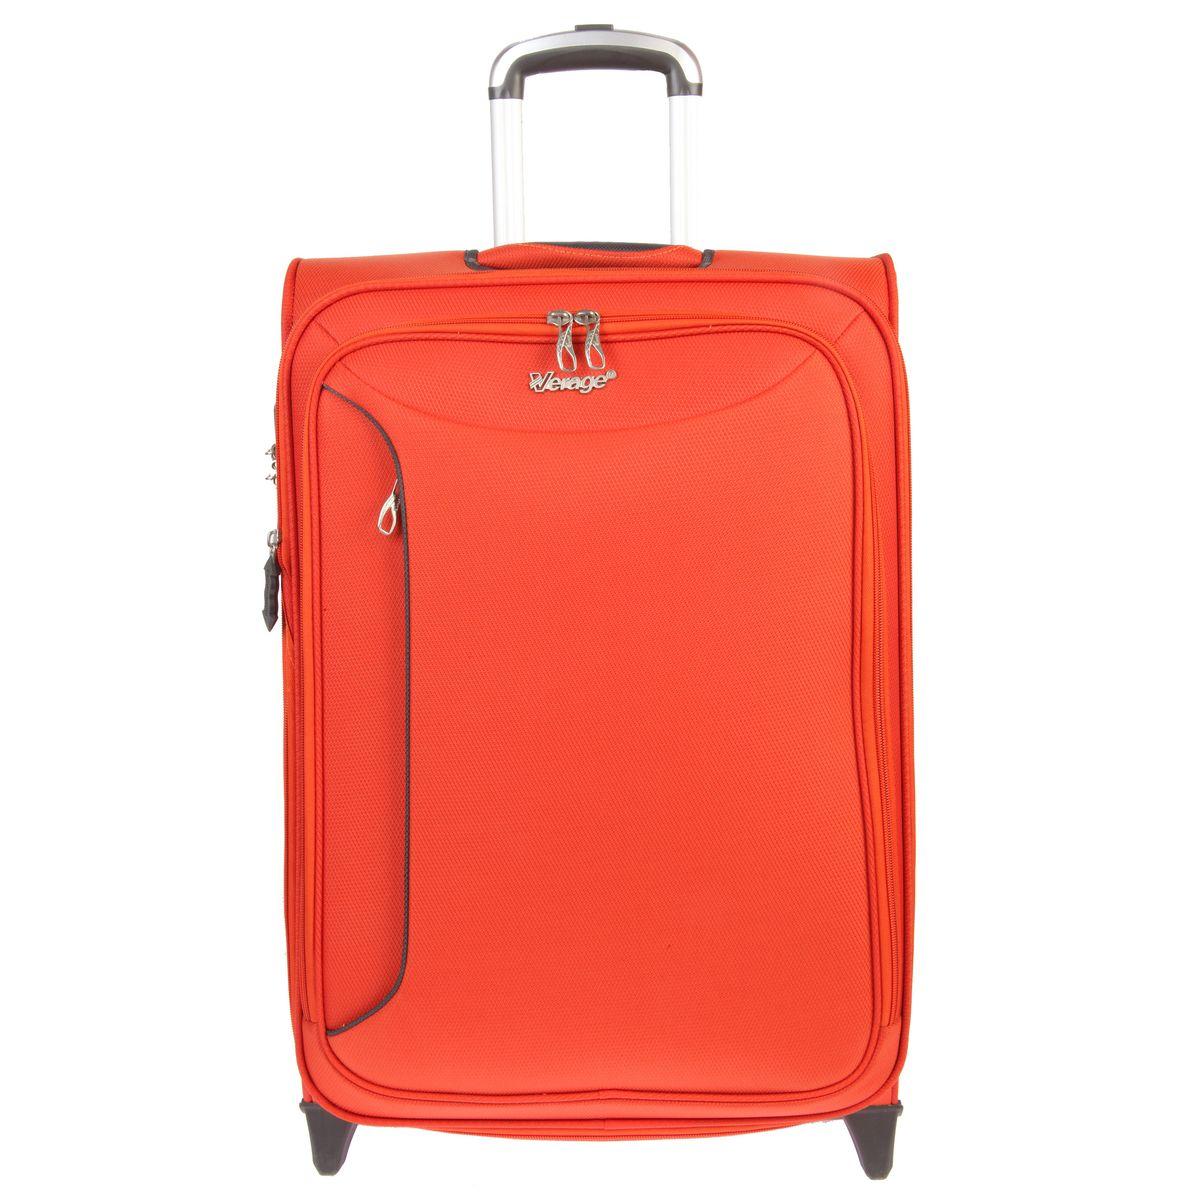 Чемодан-тележка Verage, цвет: оранжевый, 58 л. GM12091T 248300265Чемодан-тележка Verage оснащен верхней ручкой и двумя колесиками для удобства транспортировки. Закрывается по периметру на двухстороннюю молнию. Внутри один отдел для одежды и один сетчатый карман на молнии. Снаружи на передней стенке расположены два кармана на молнии. За счет молнии возможно увеличить объем на 20%. Имеется дополнительно встроенный кодовый замок с функцией TSA. Сверху также расположена выдвижная ручка высотой 46 см.